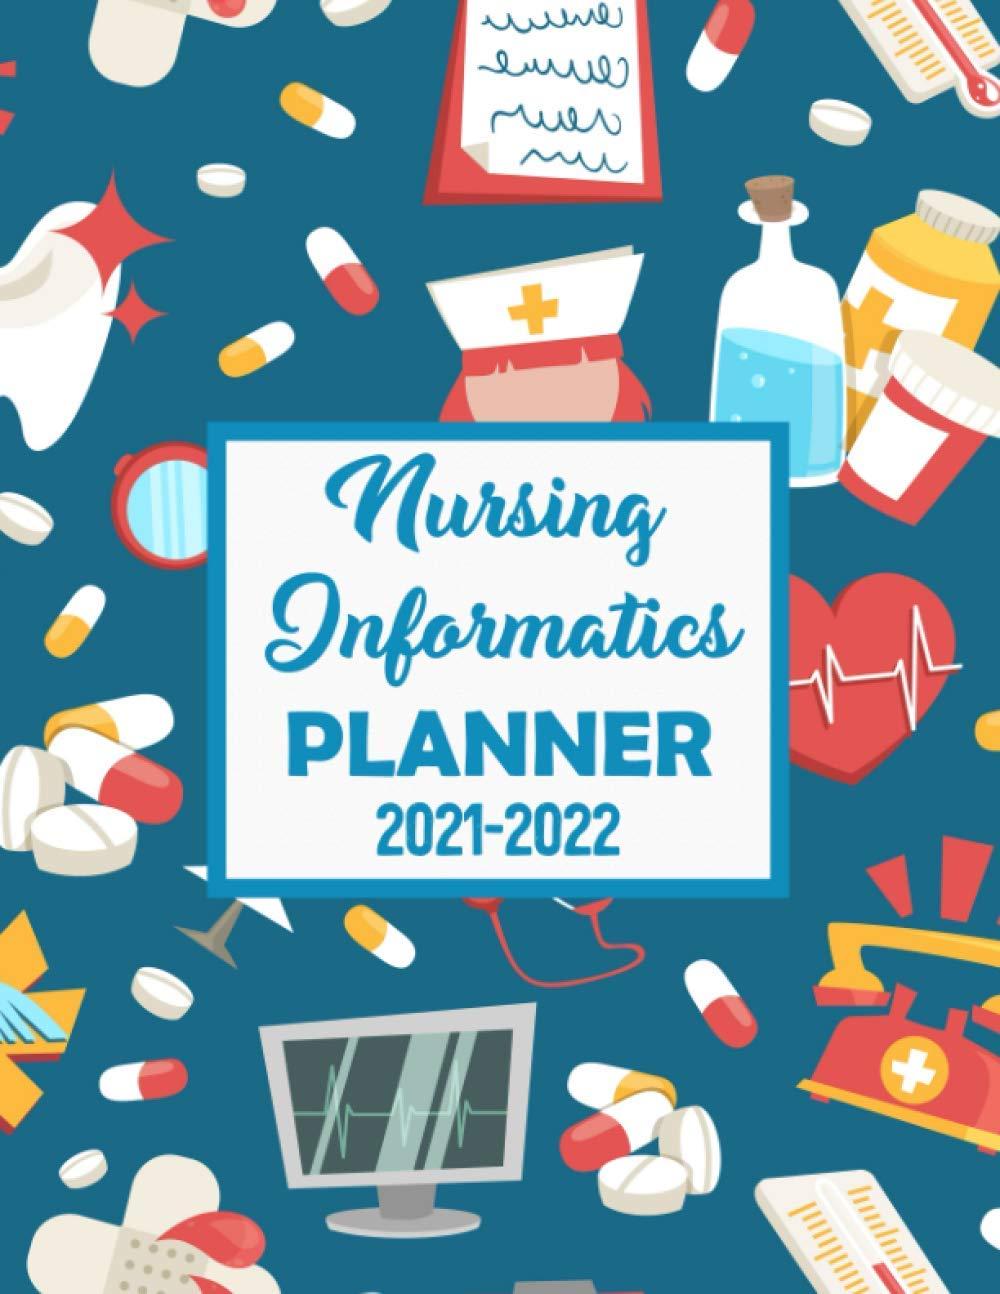 Nursing Informatics Planner: 2 Years Planner | 2021 2022 Weekly